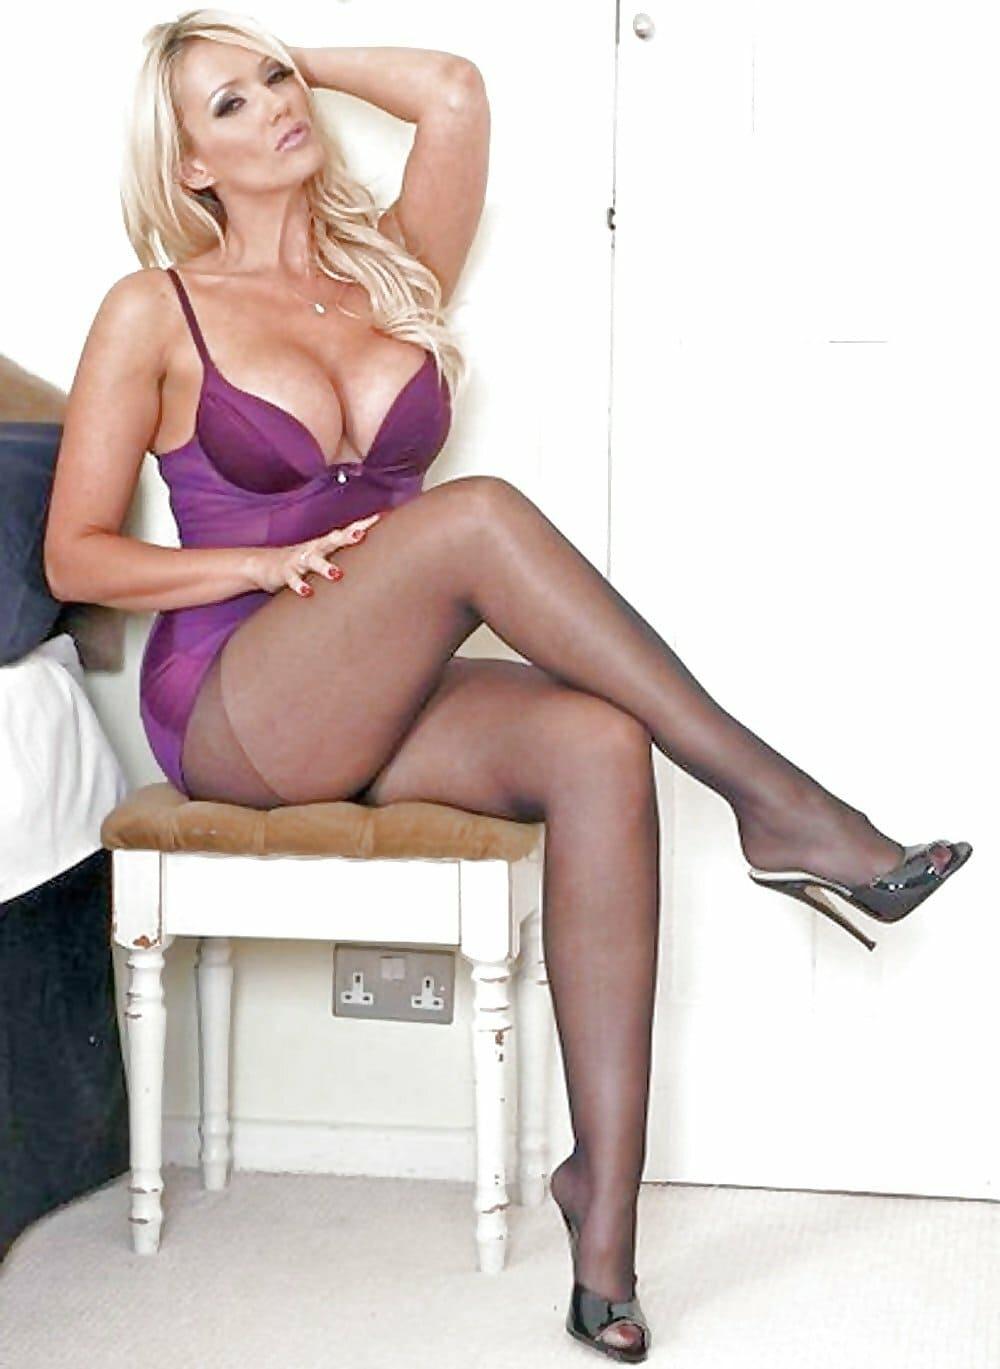 красивые мамки сексуальные фото блондинка в колготах открытых босоножках сидит на табурете